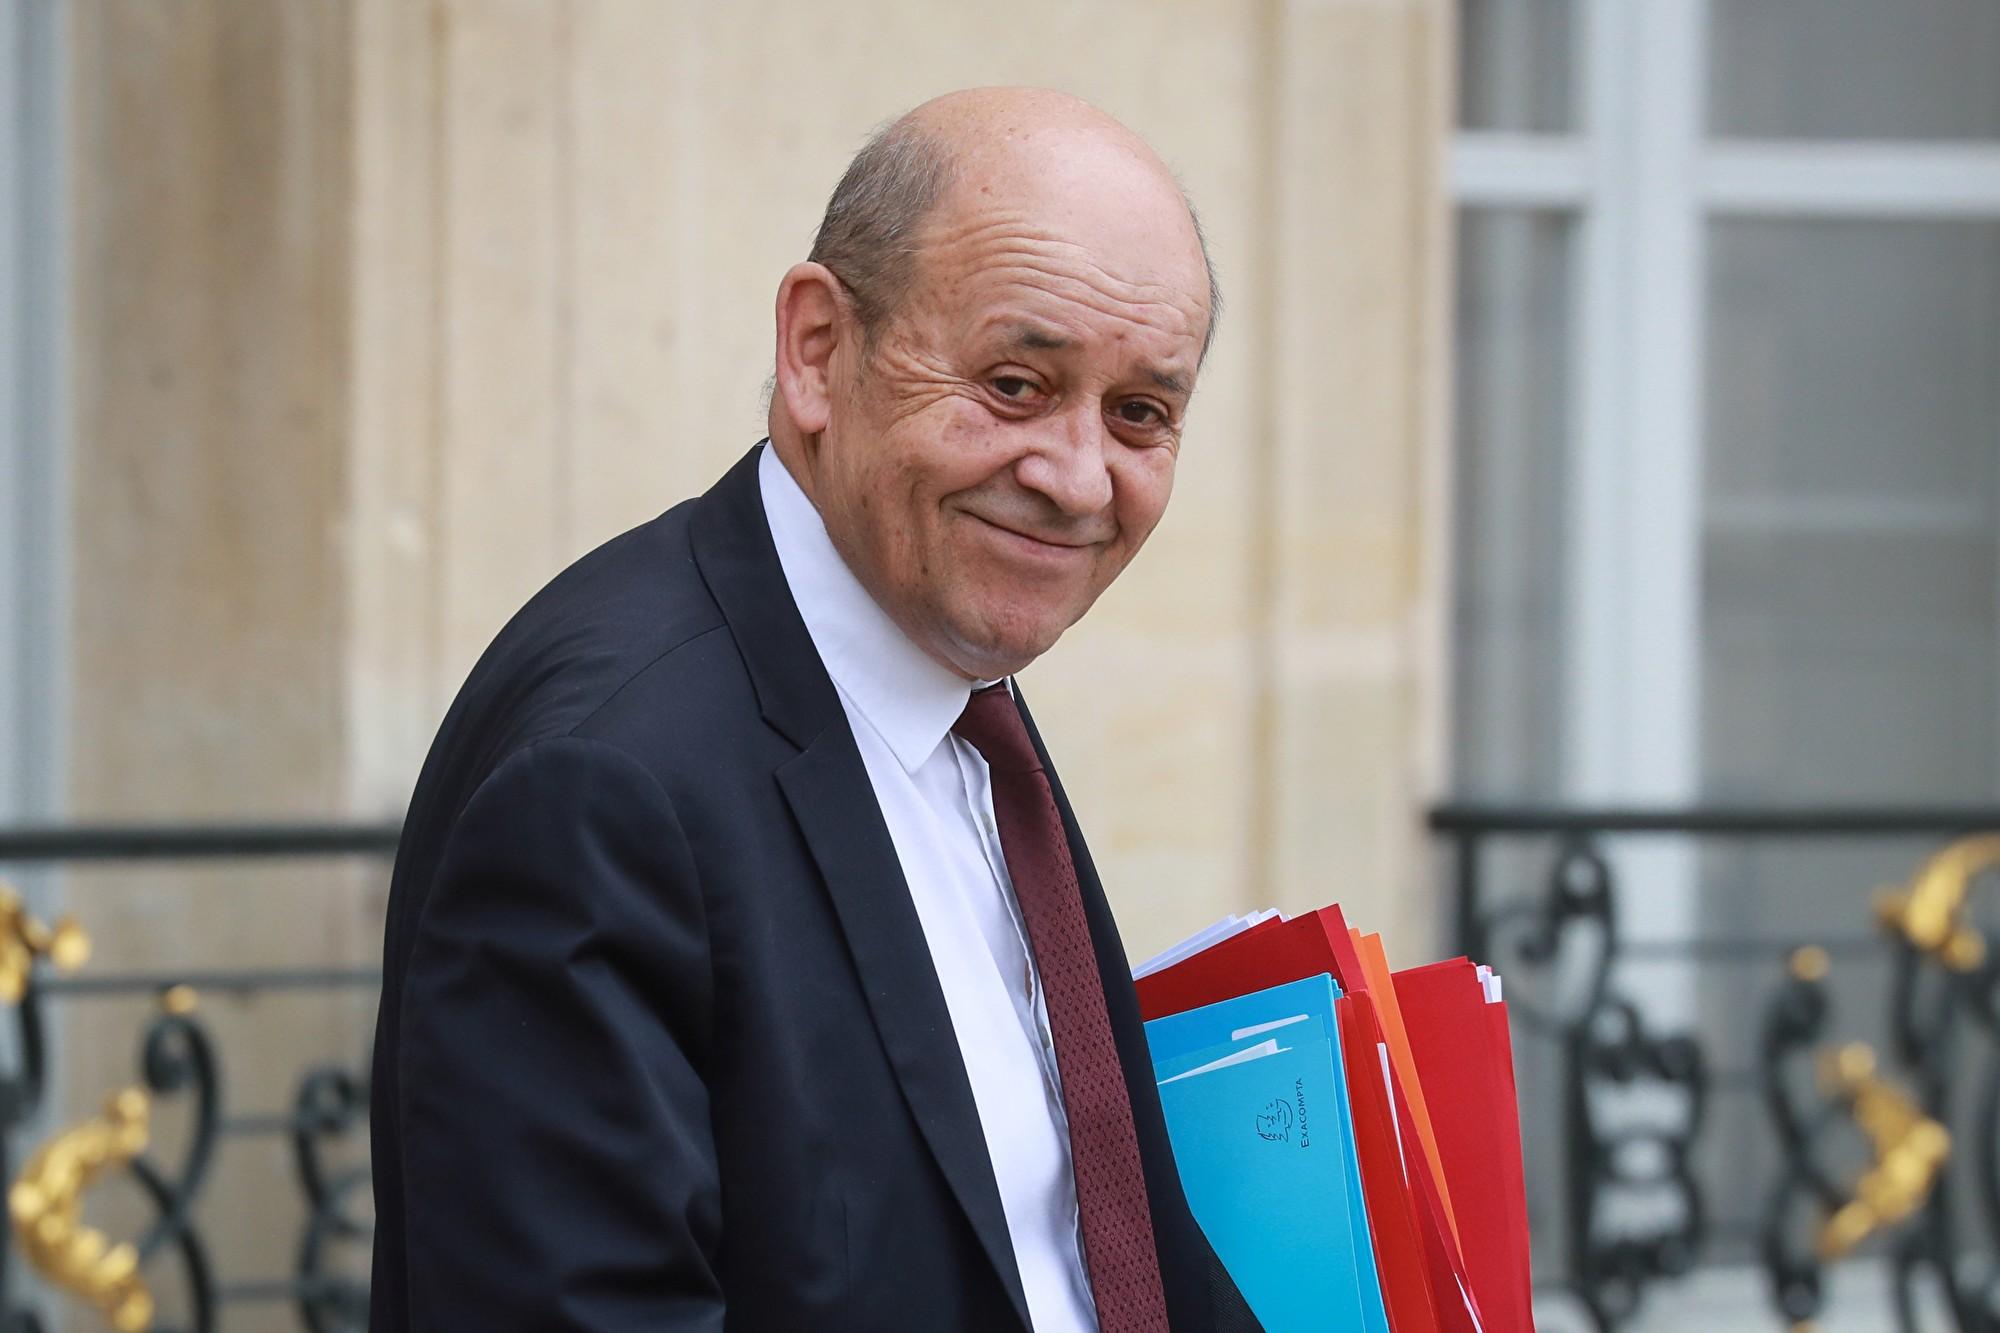 法國外長勒德里昂(Jean-Yves Le Drian)4月14日召集中共駐法國大使盧沙野,就該領事館近期對中共病毒(武漢肺炎)疫情發表的宣傳言論表示不滿。(LUDOVIC MARIN/AFP via Getty Images)